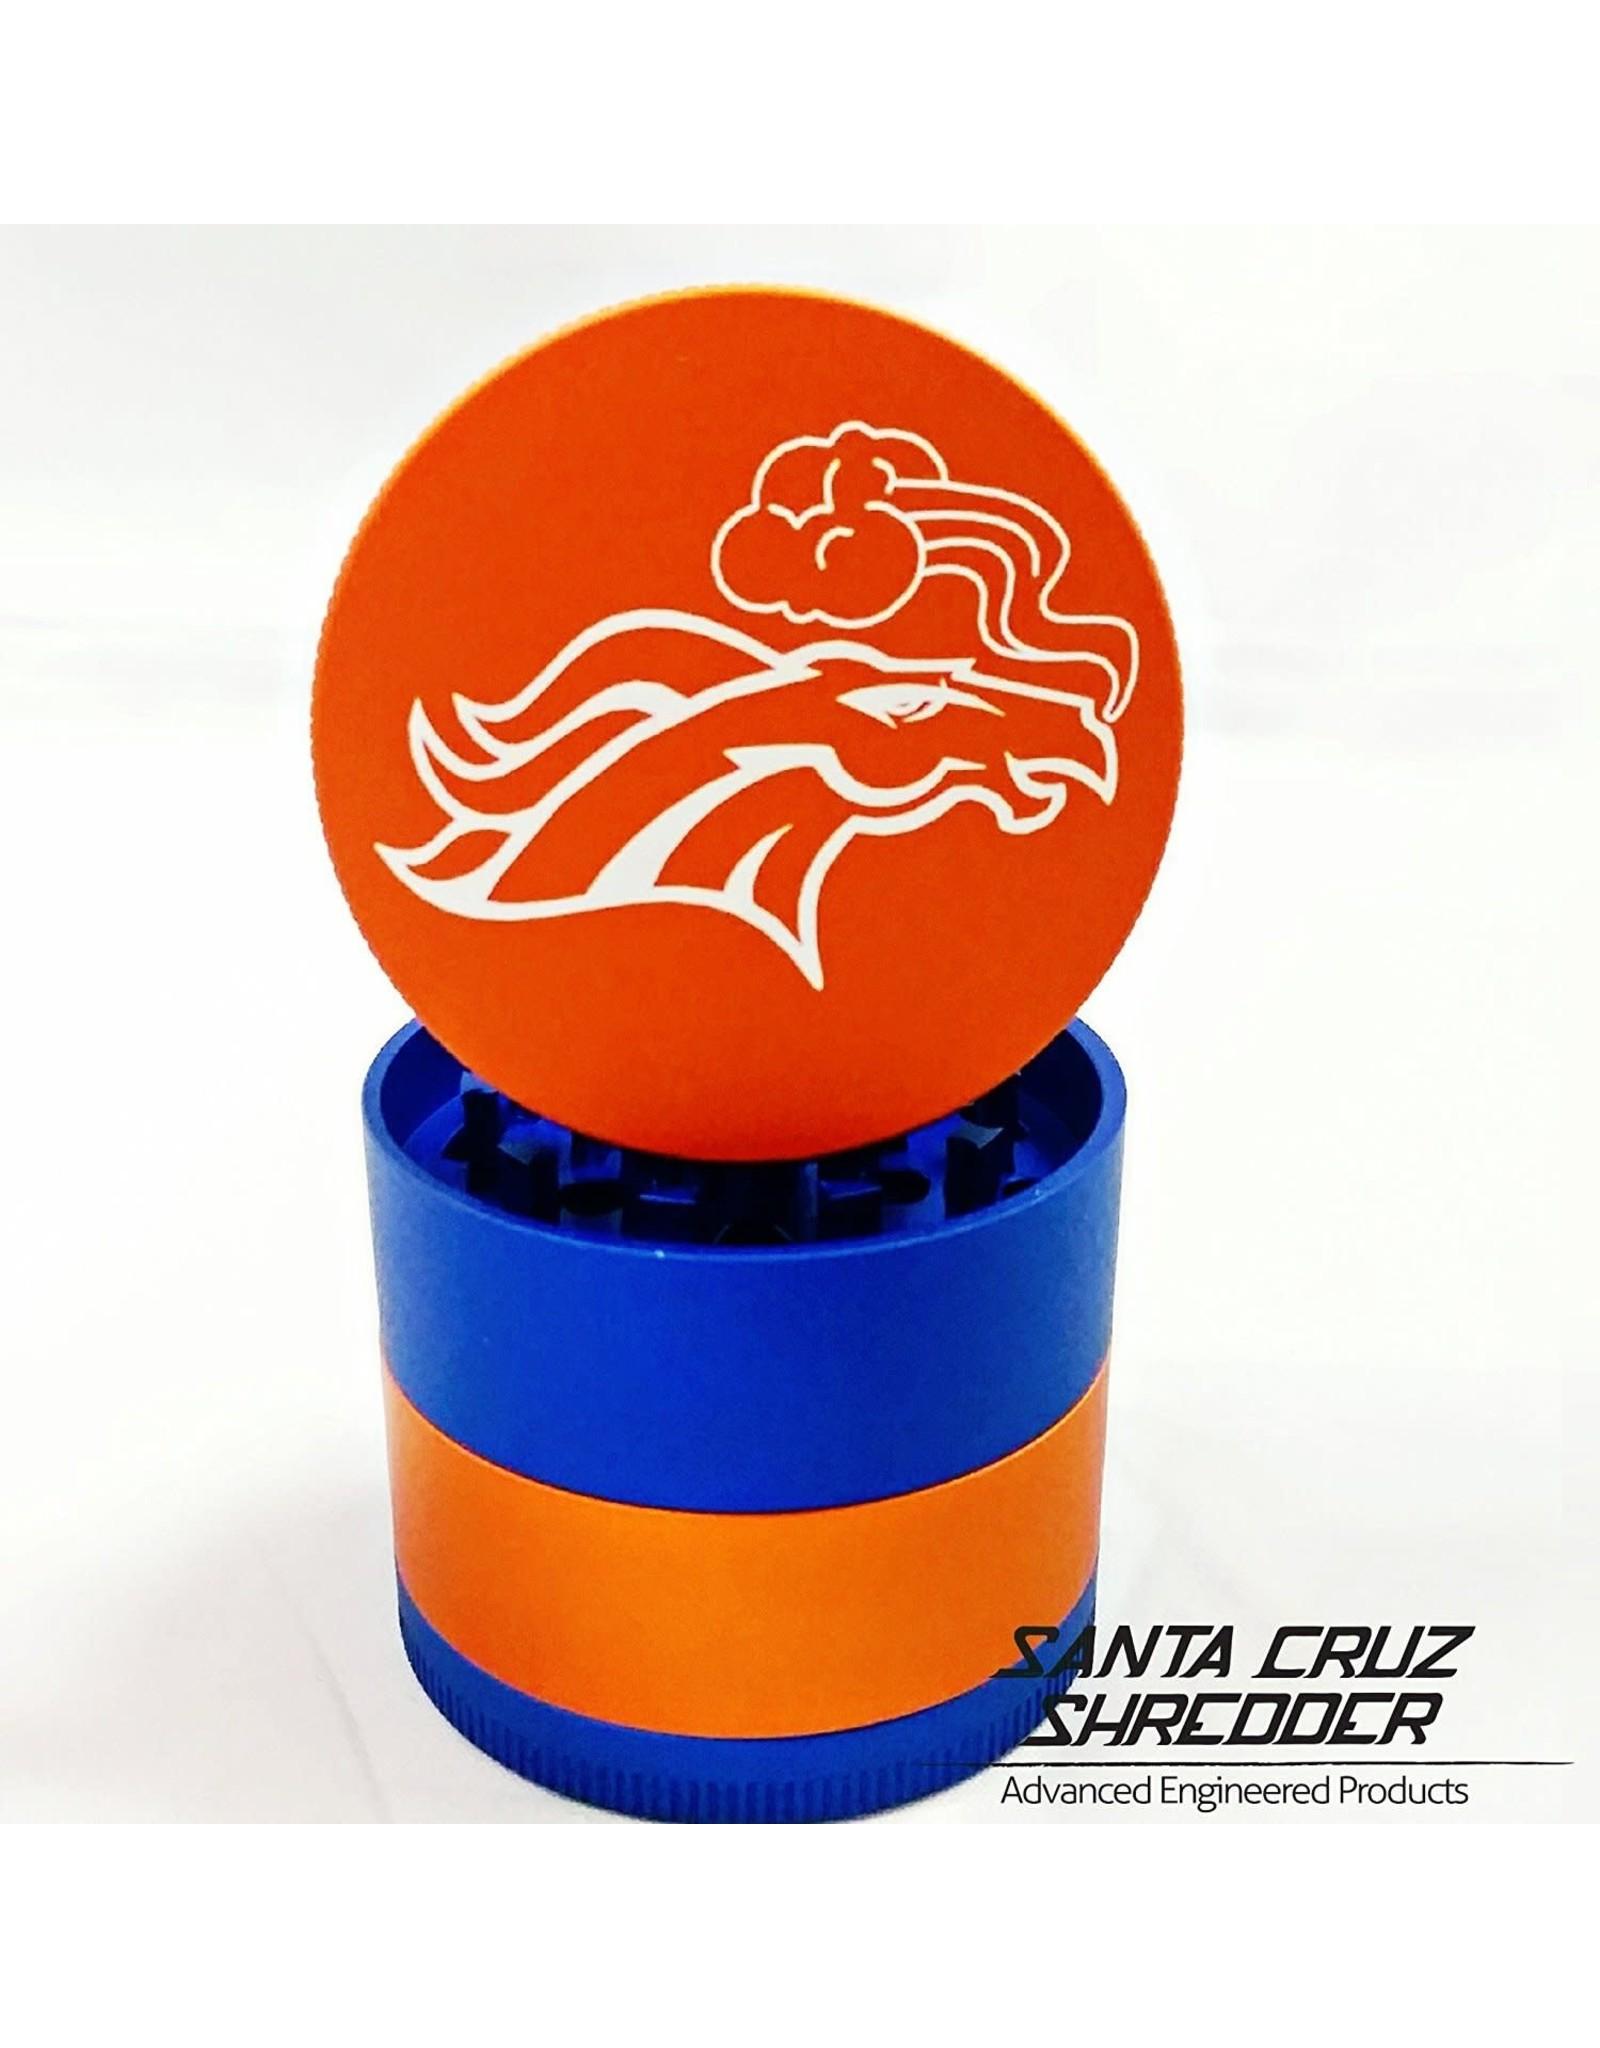 Santa Cruz Shredder Santa Cruz Shredder Medium 4pc Broncos Orange And Blue